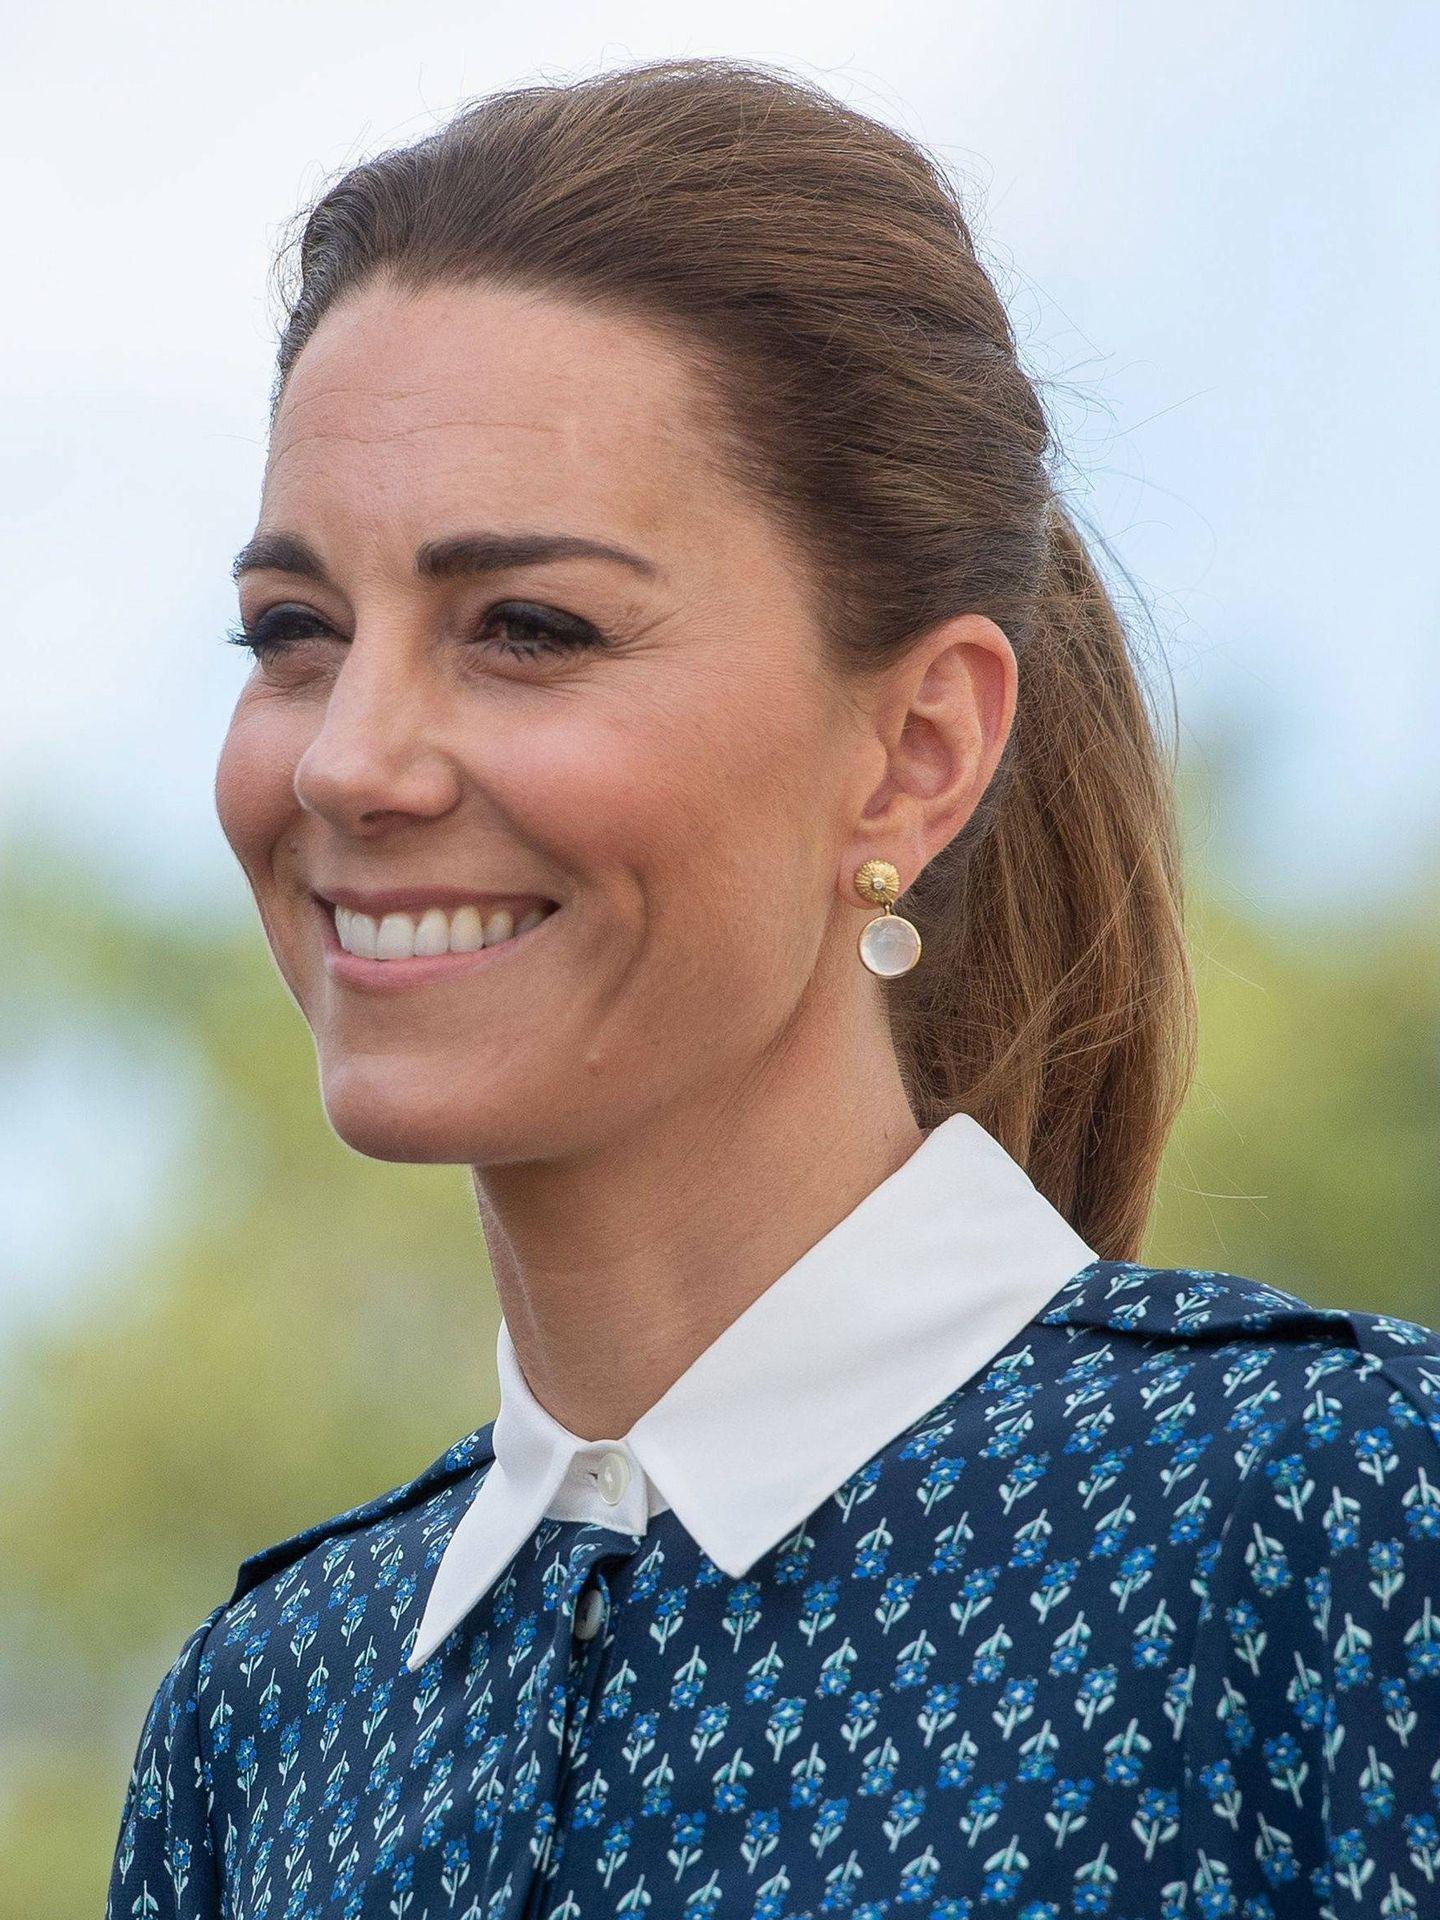 Kate Middleton, en el verano de 2020 luciendo su base de maquillaje más bronceada. (Cordon Press)